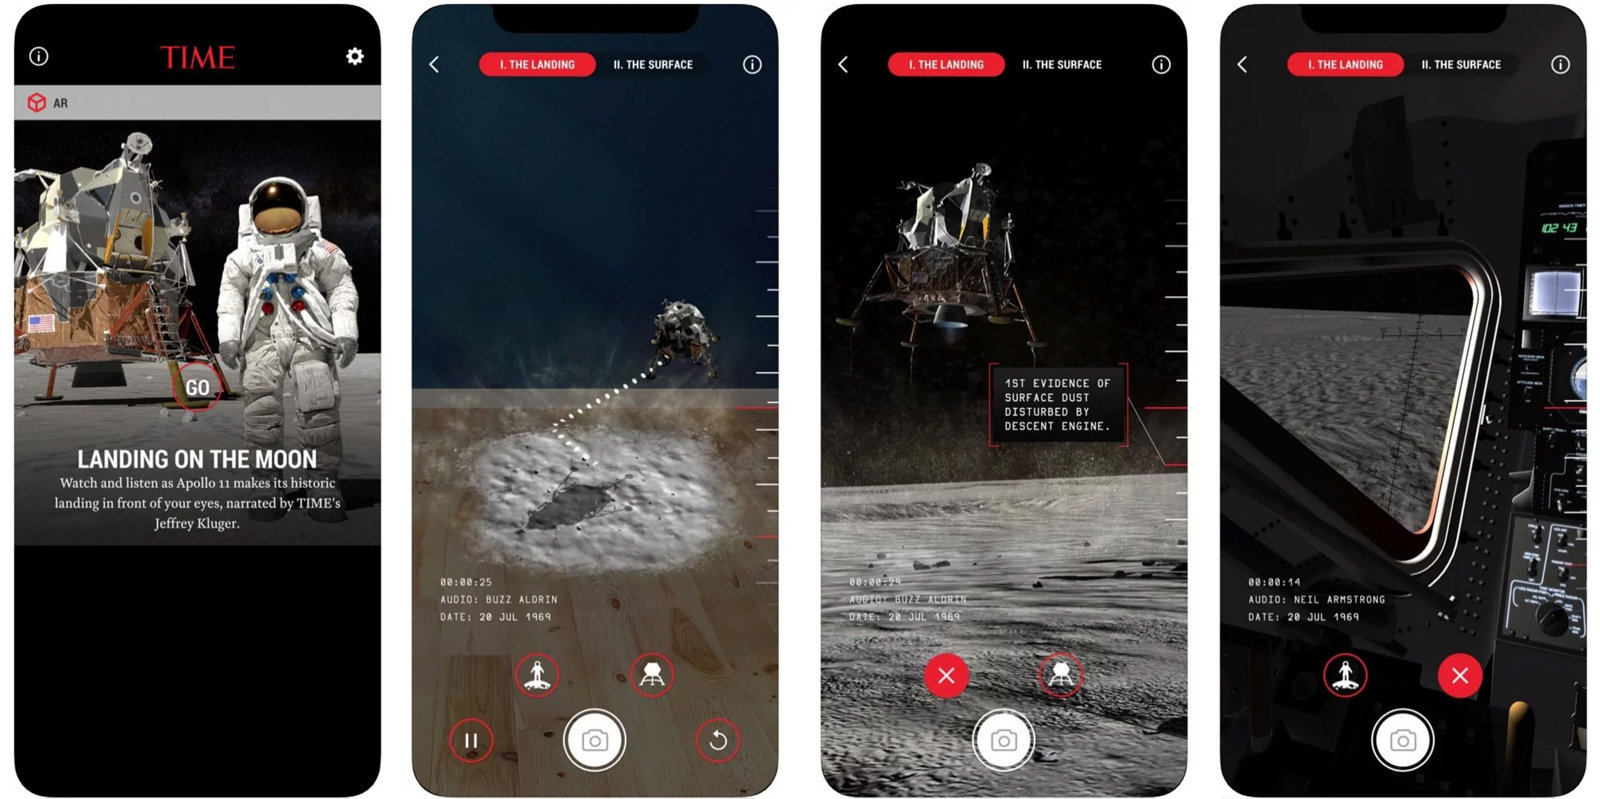 مجله تایم با کمک واقعیت افزوده پنجاه سالگی ماموریت آپولو 11 را جشن میگیرد